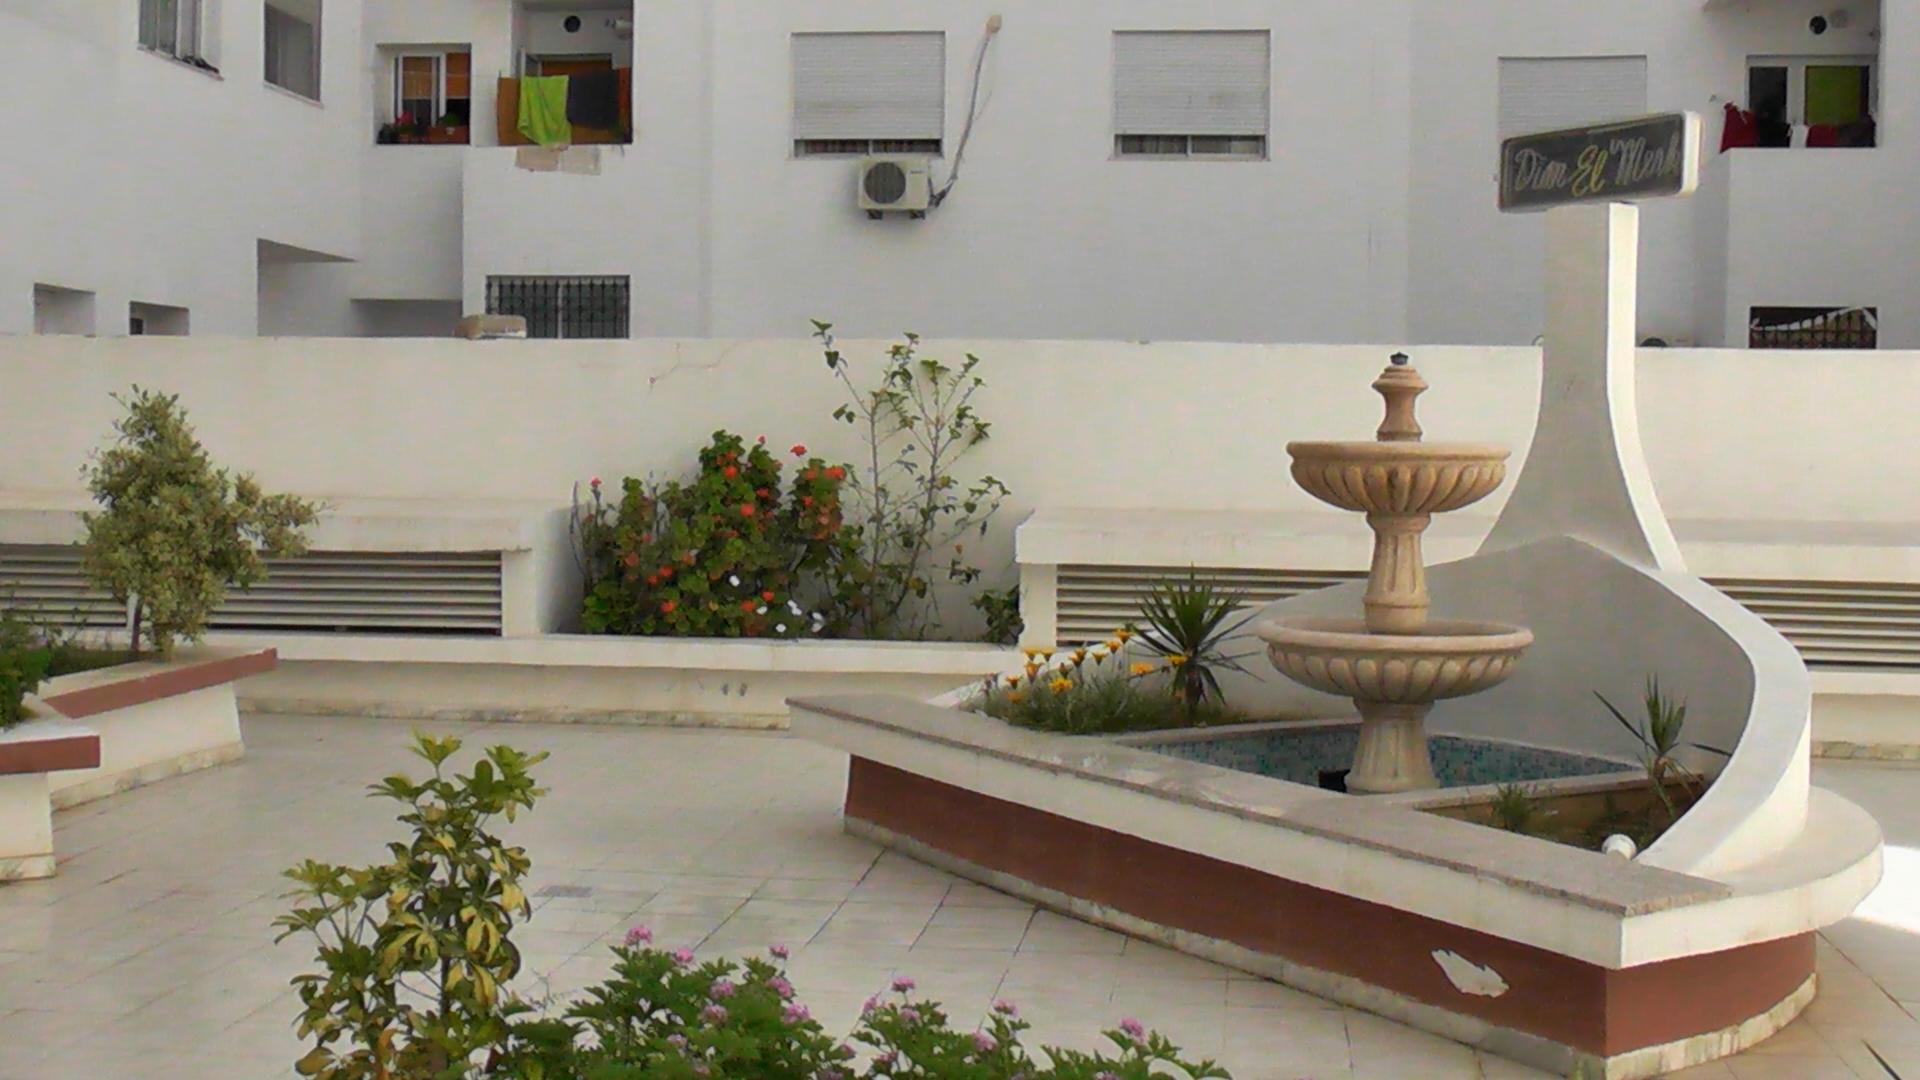 Appartement a la marsa for Inter meuble soukra